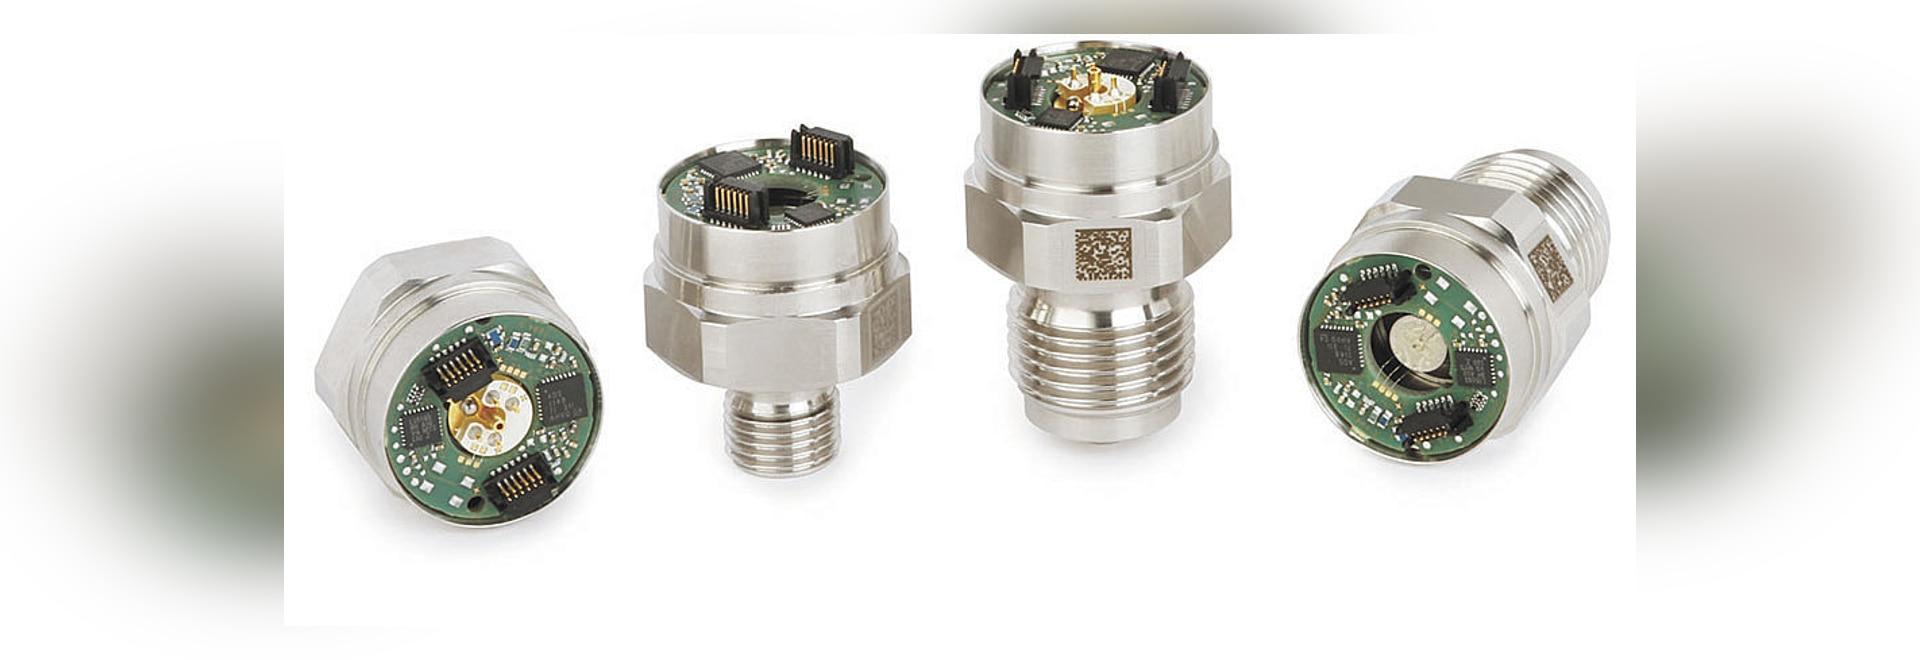 Neuer Druckaufnehmer TI-1 mit Signalverarbeitung für OEM-Kunden